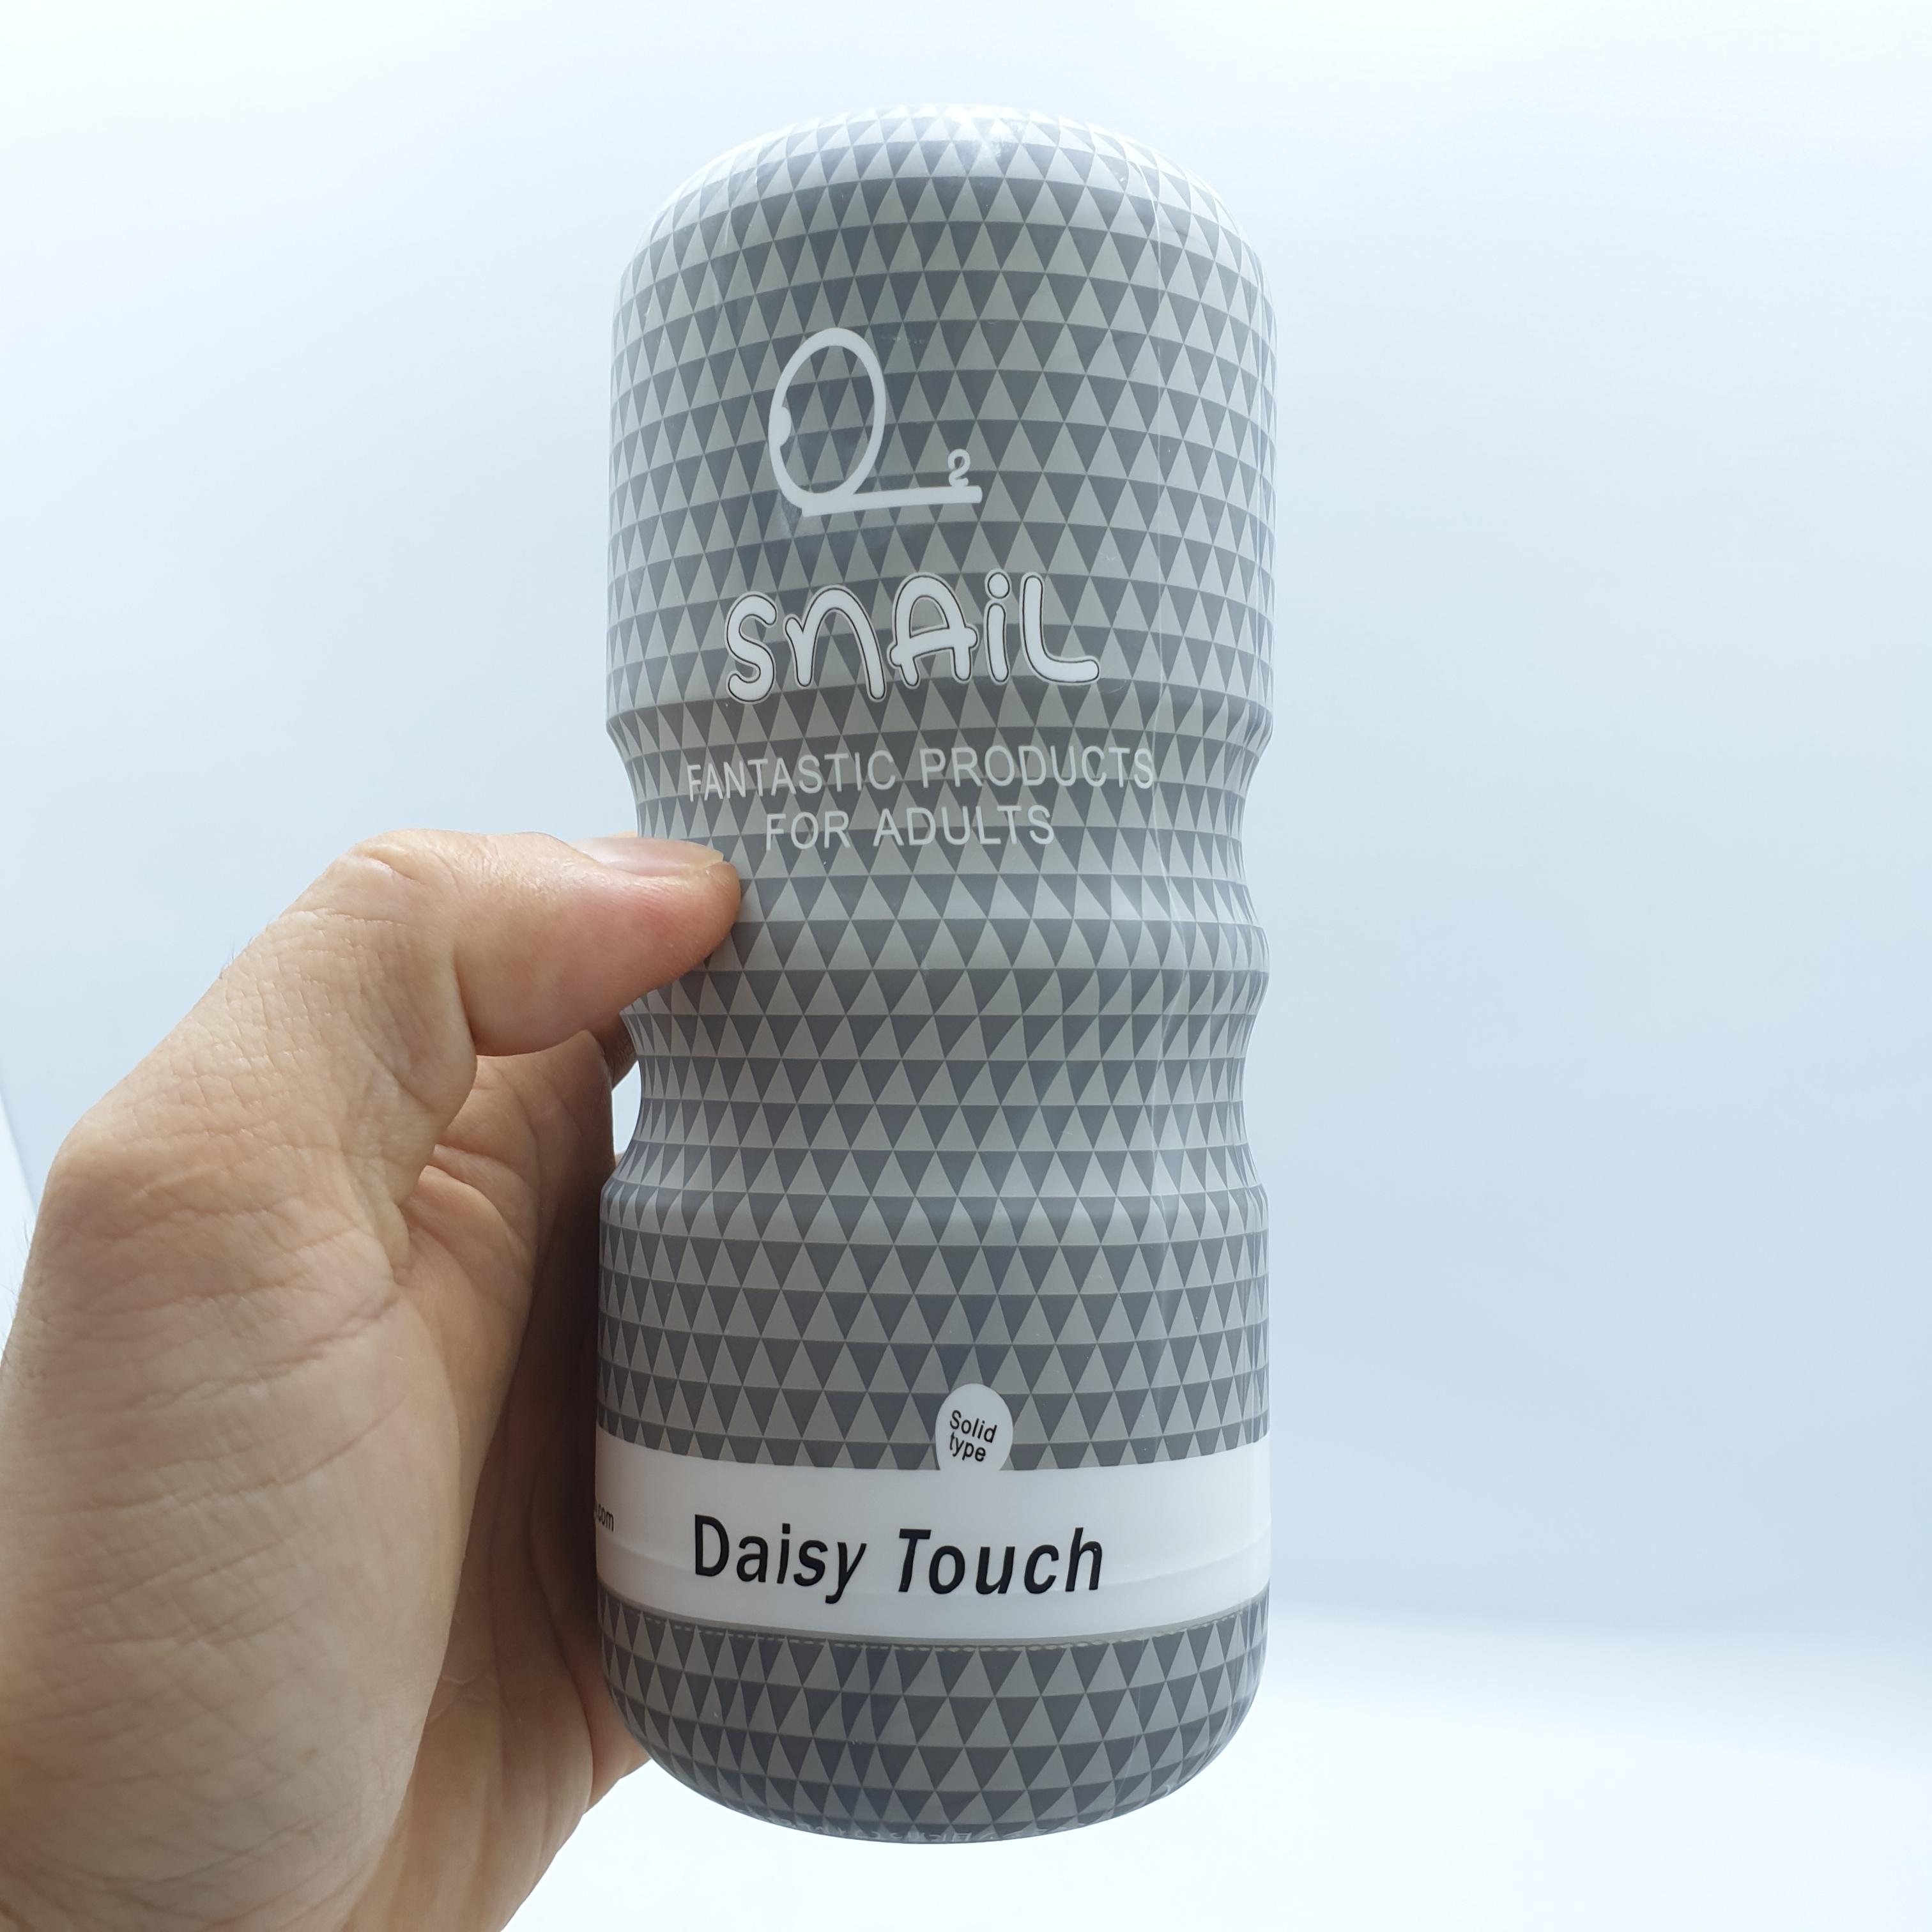 Âm đạo Snail cao cấp. Tặng gel bôi trơn.